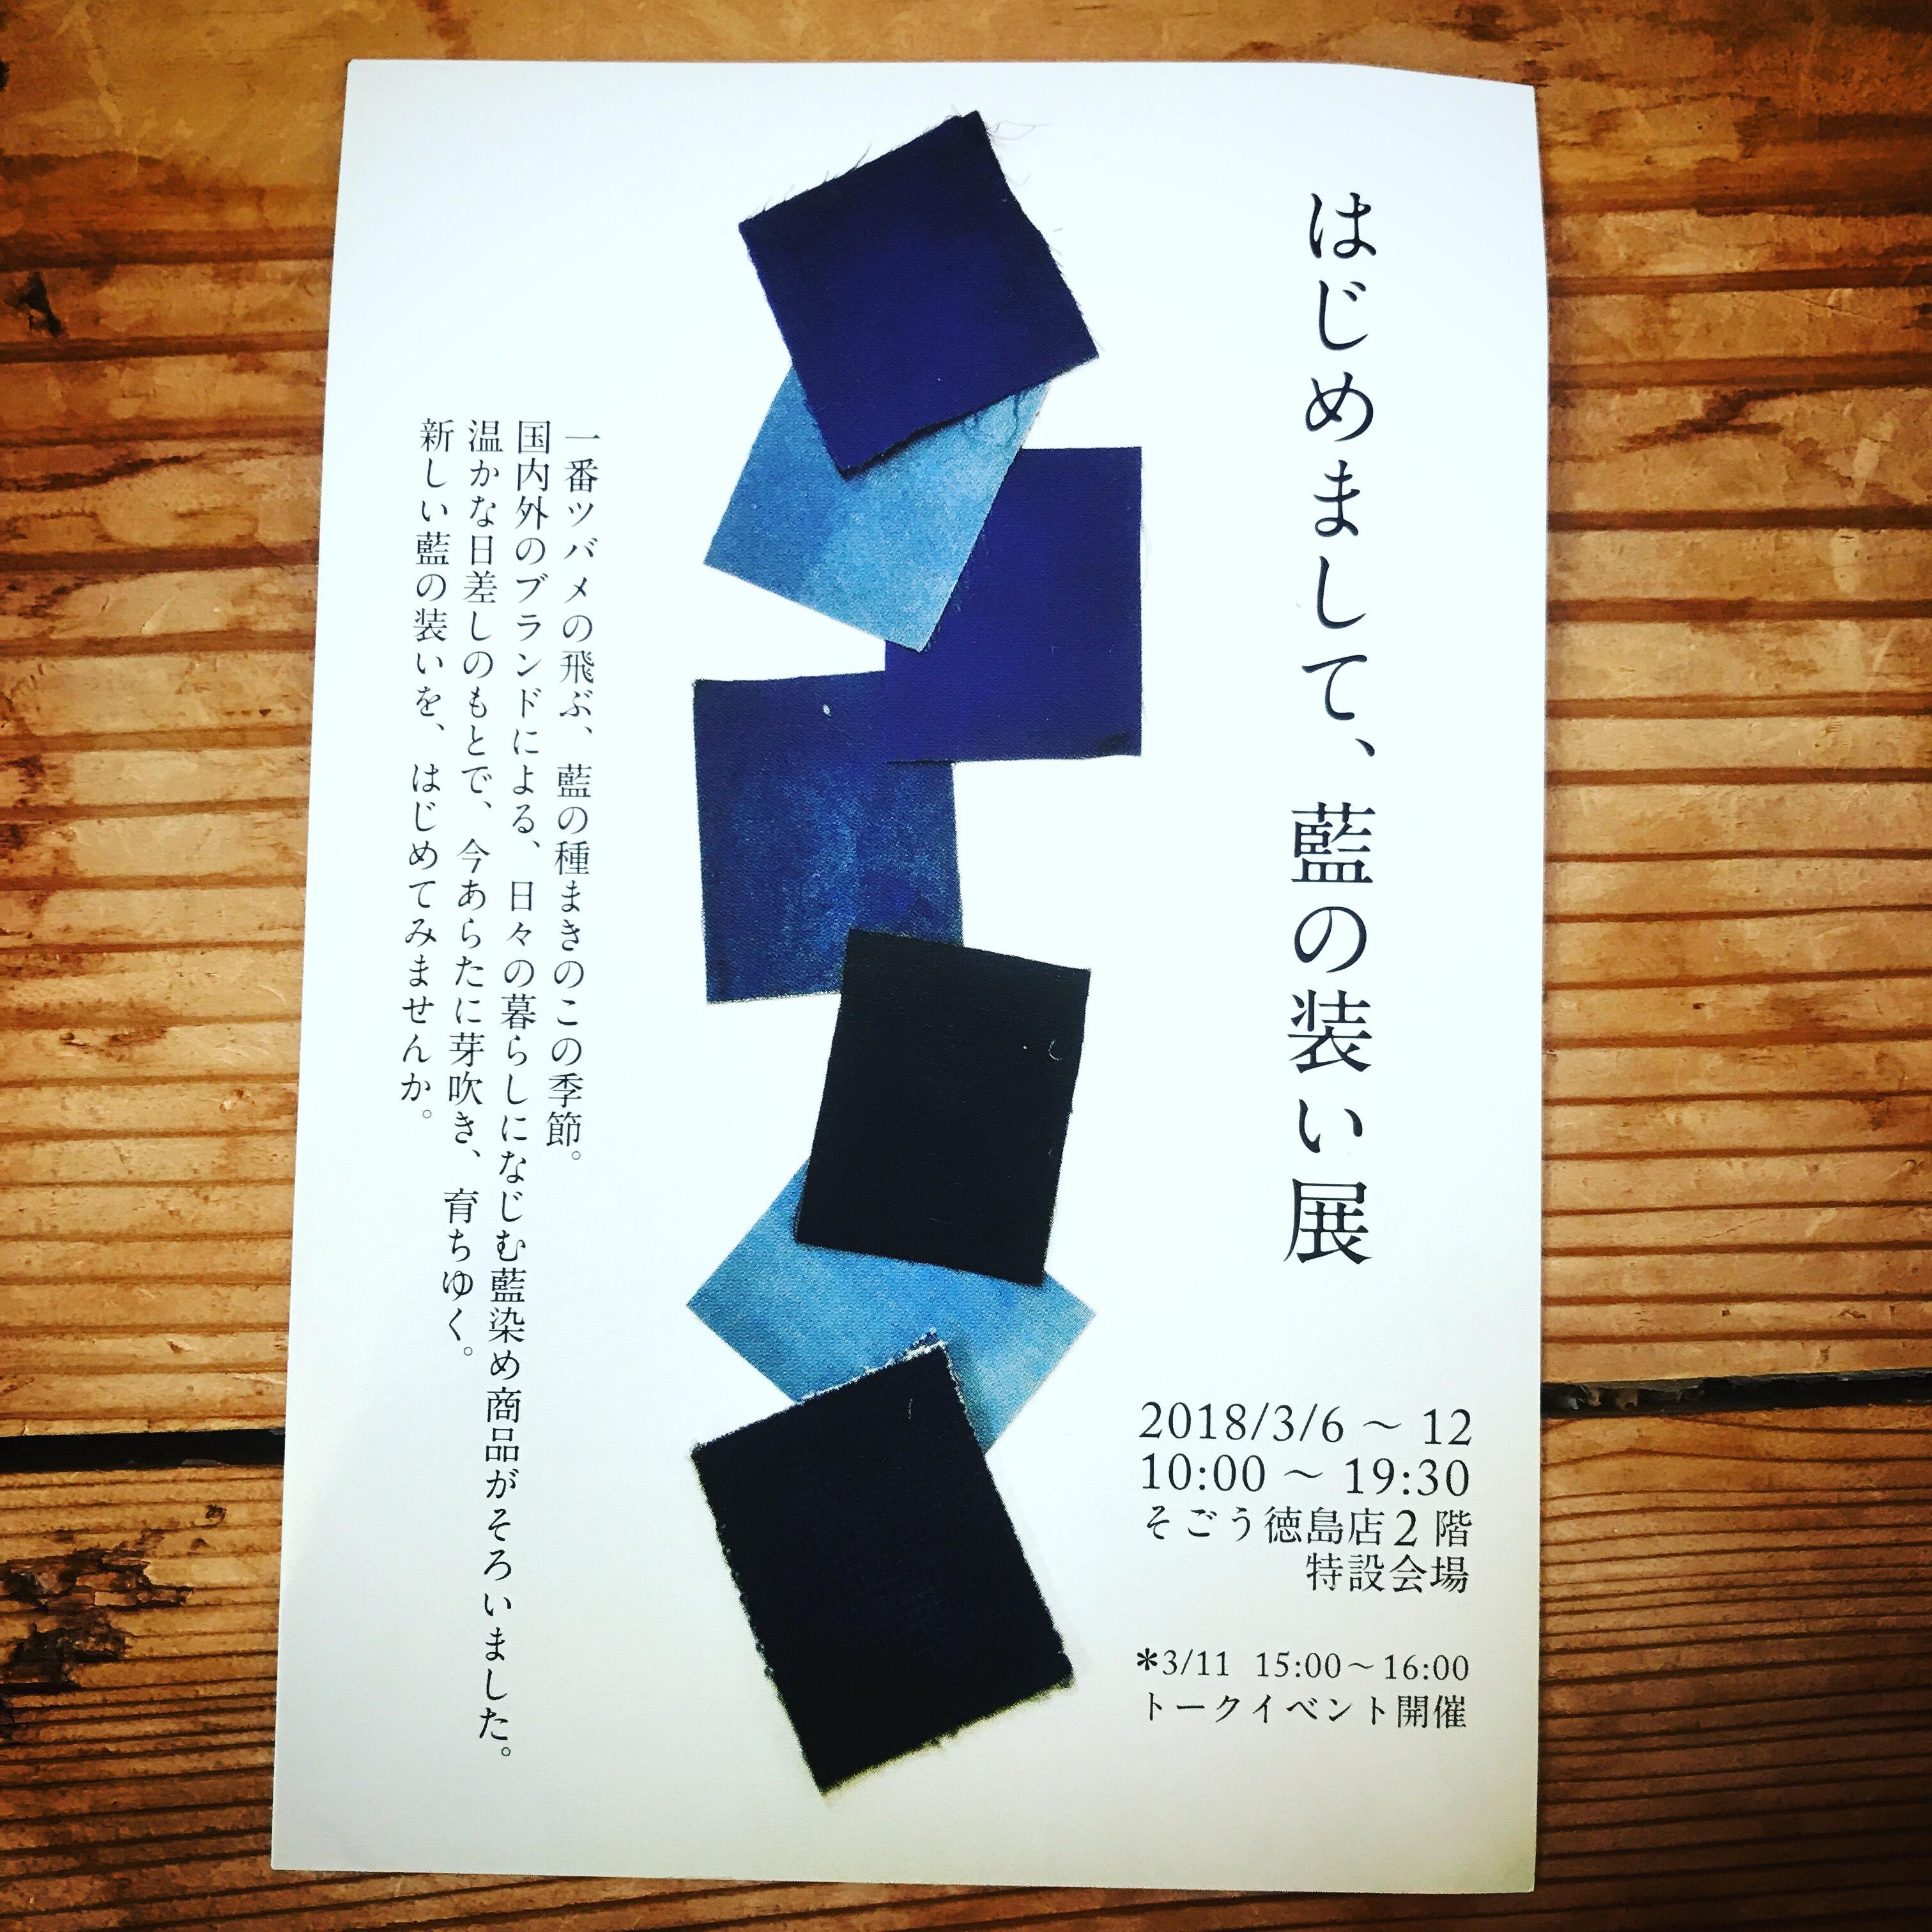 そごう徳島店 藍染イベント